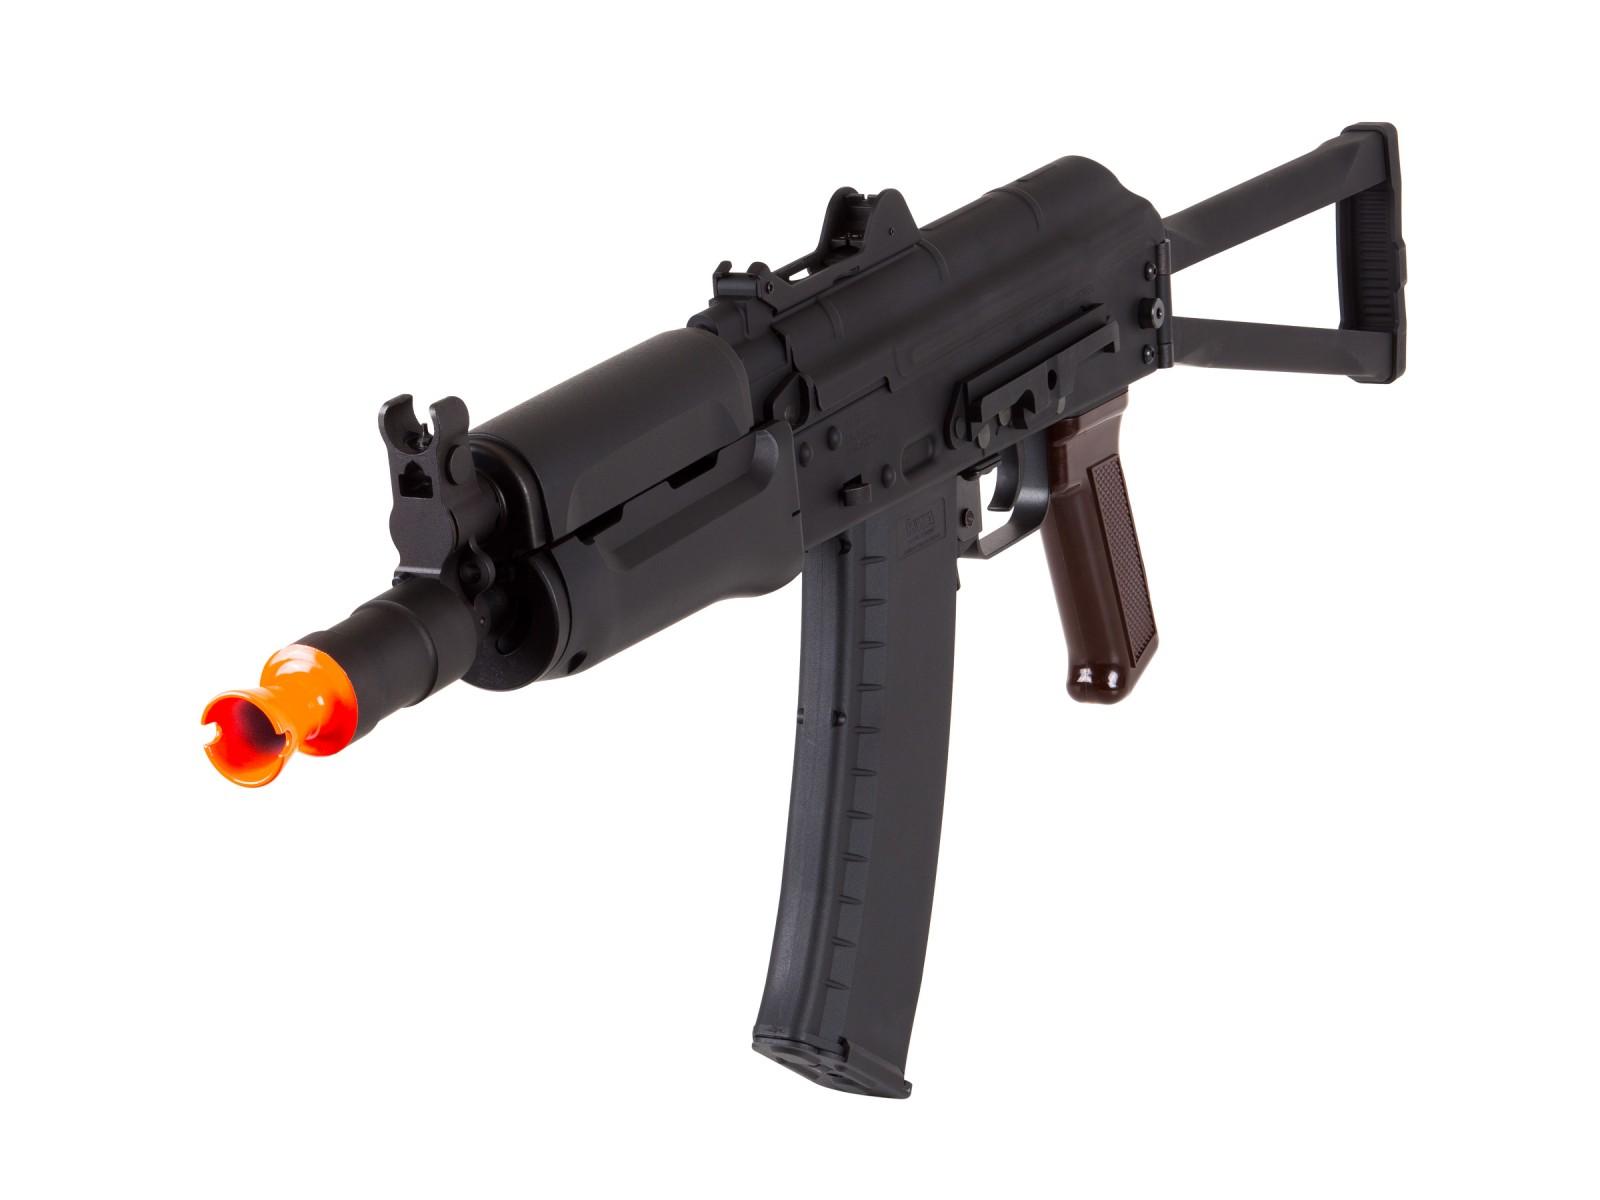 KWA_AKG74SU_Airsoft_Gas_Blowback_GBB_Rifle_6mm